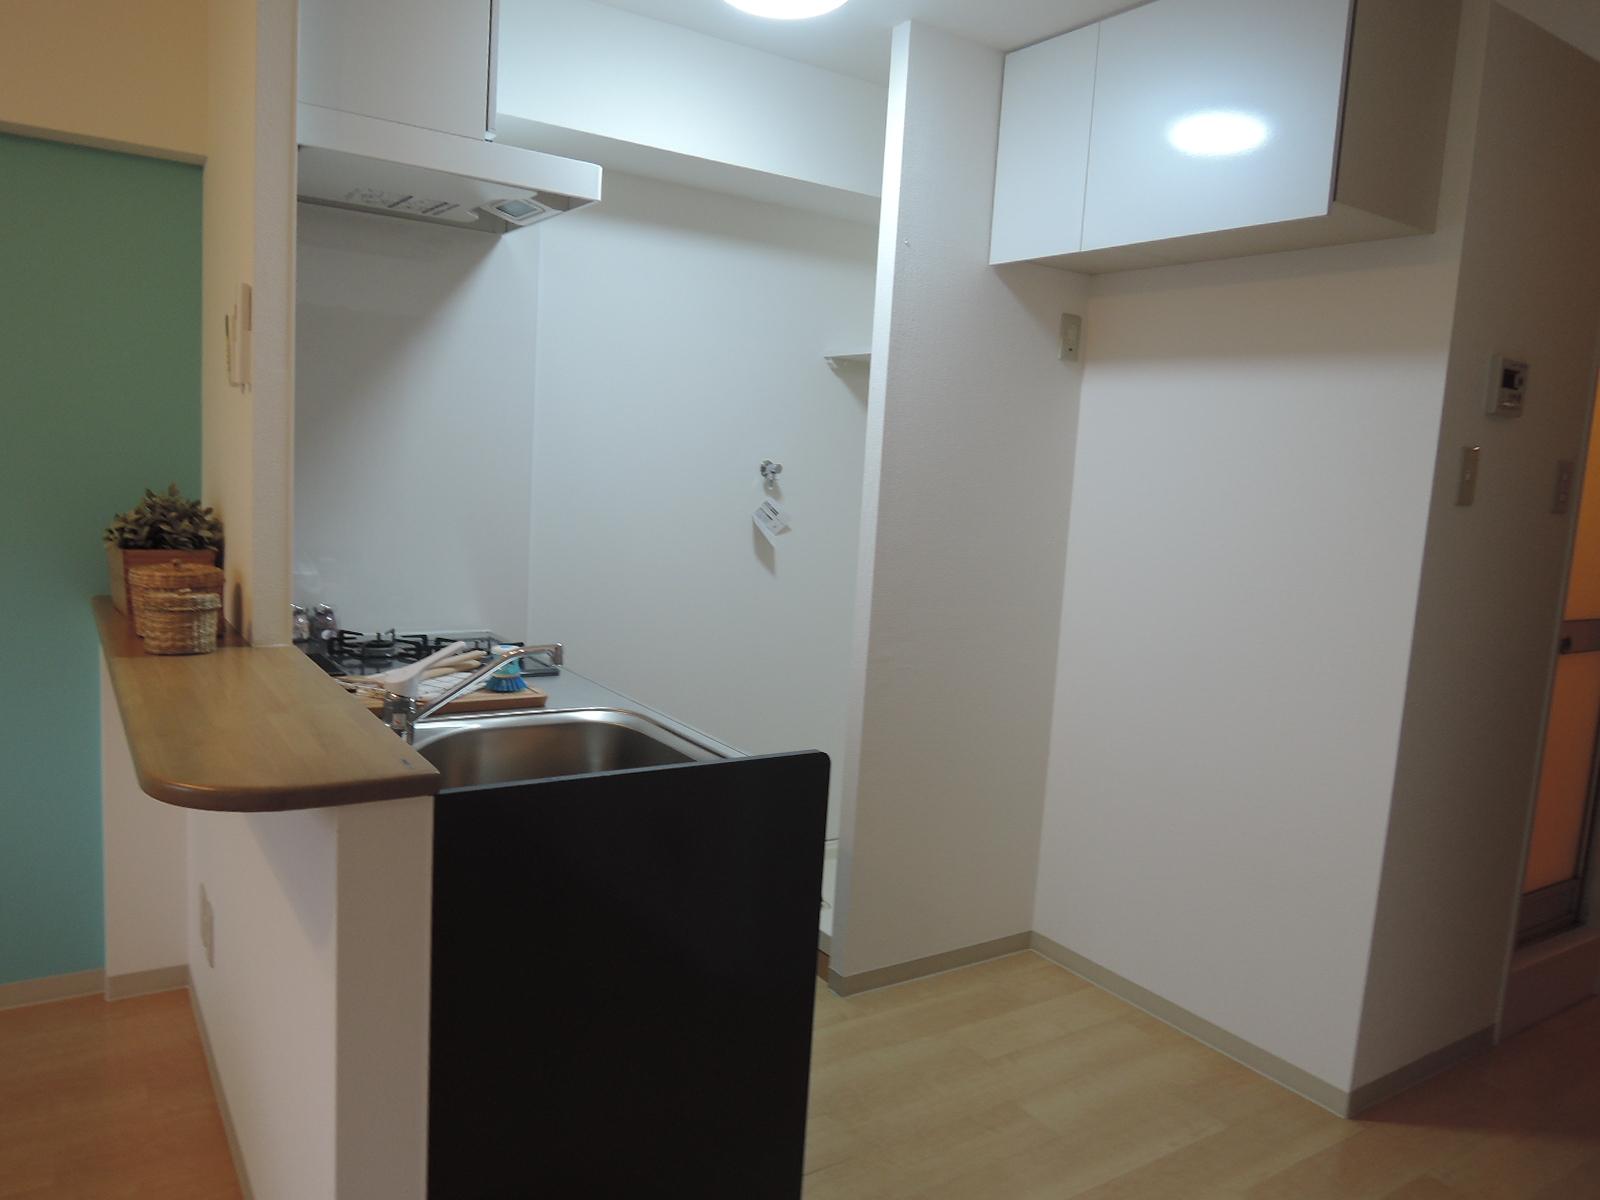 キッチンのスペース。カウンター付きです